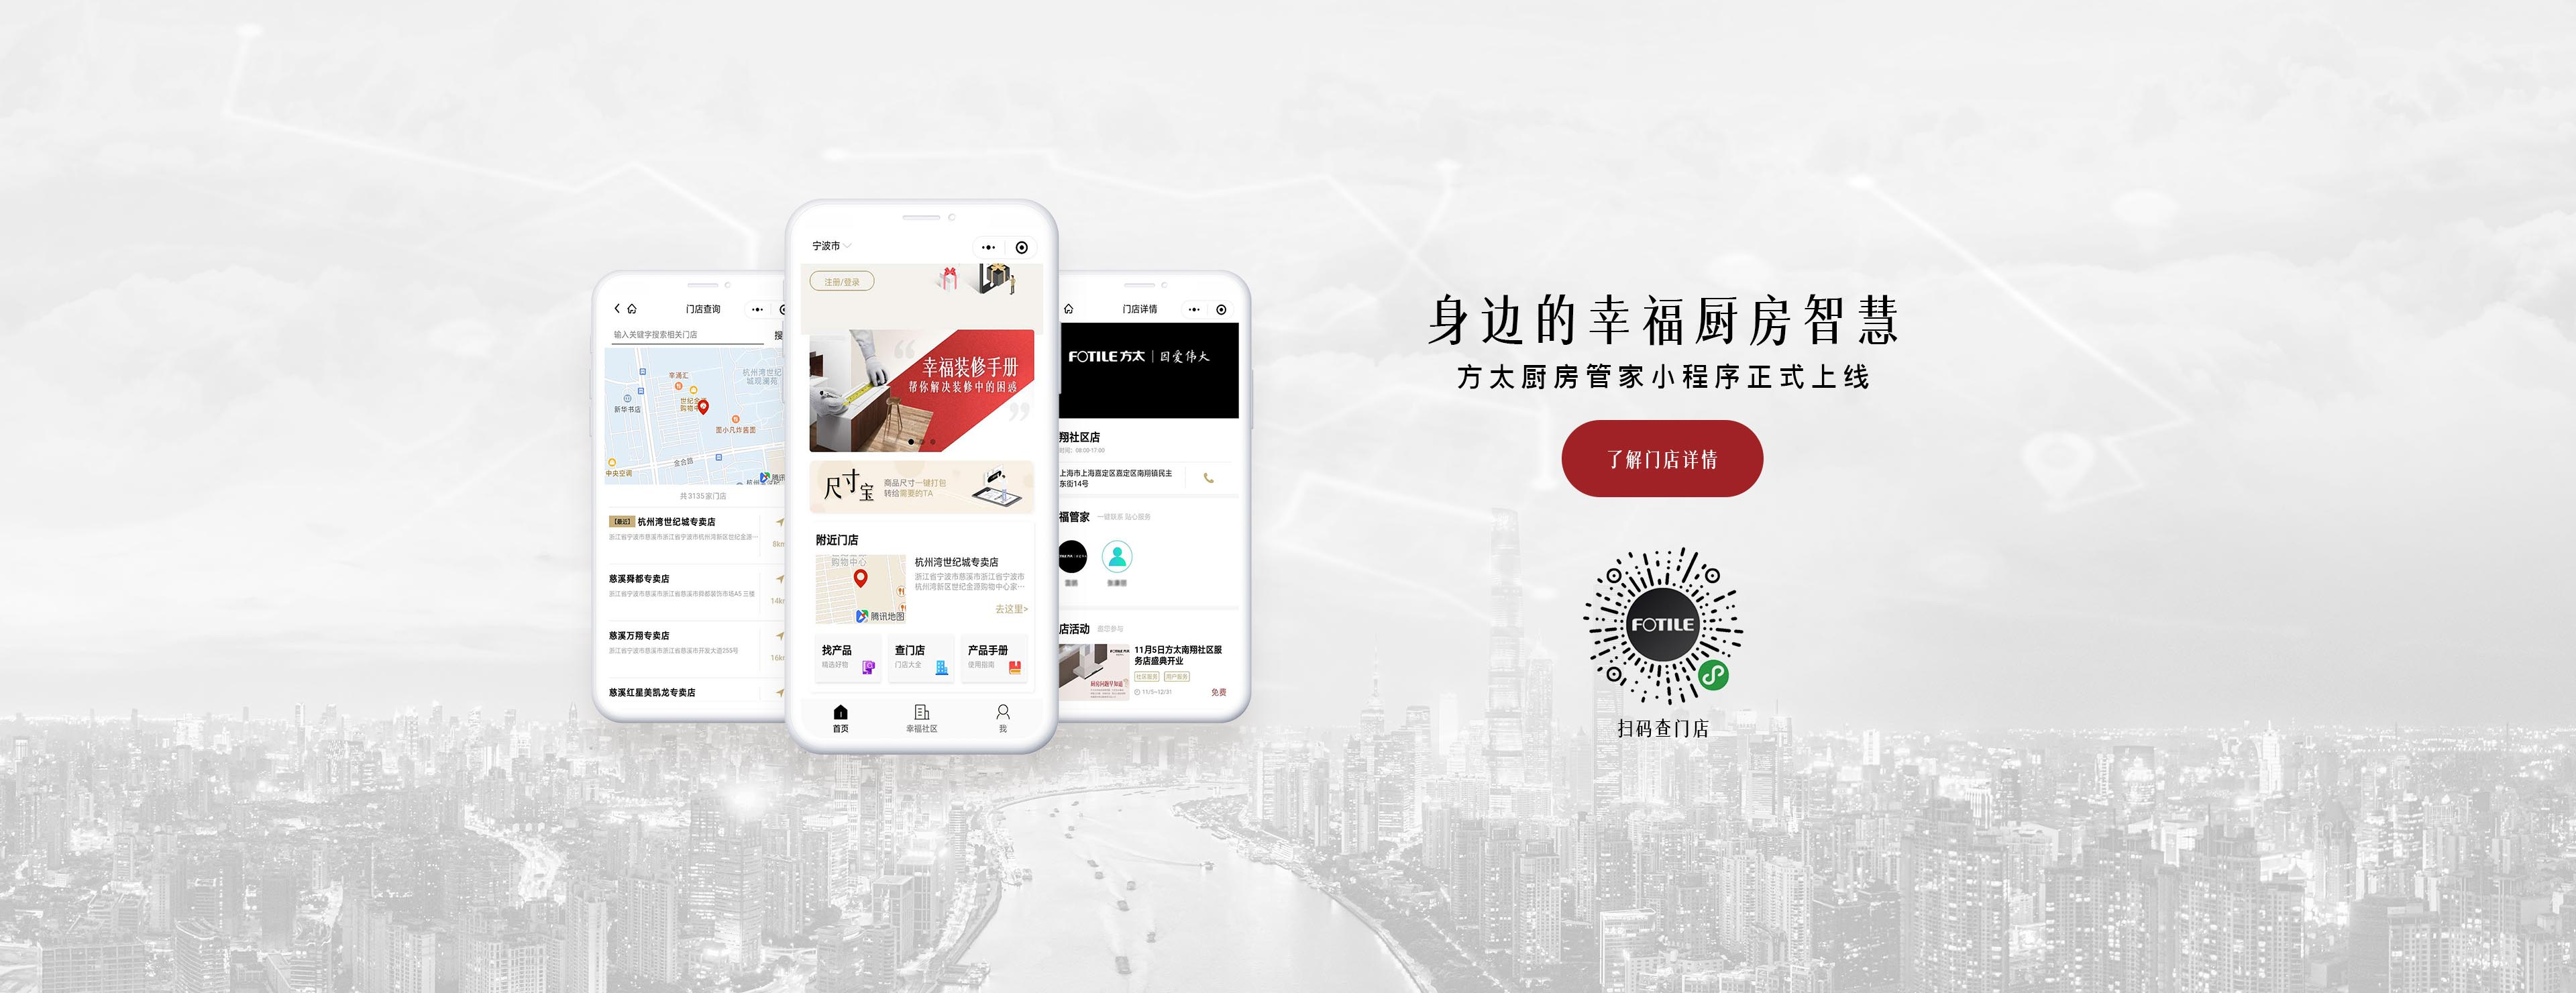 厨房管家小程序- FOTILE方太厨房电器官方网站